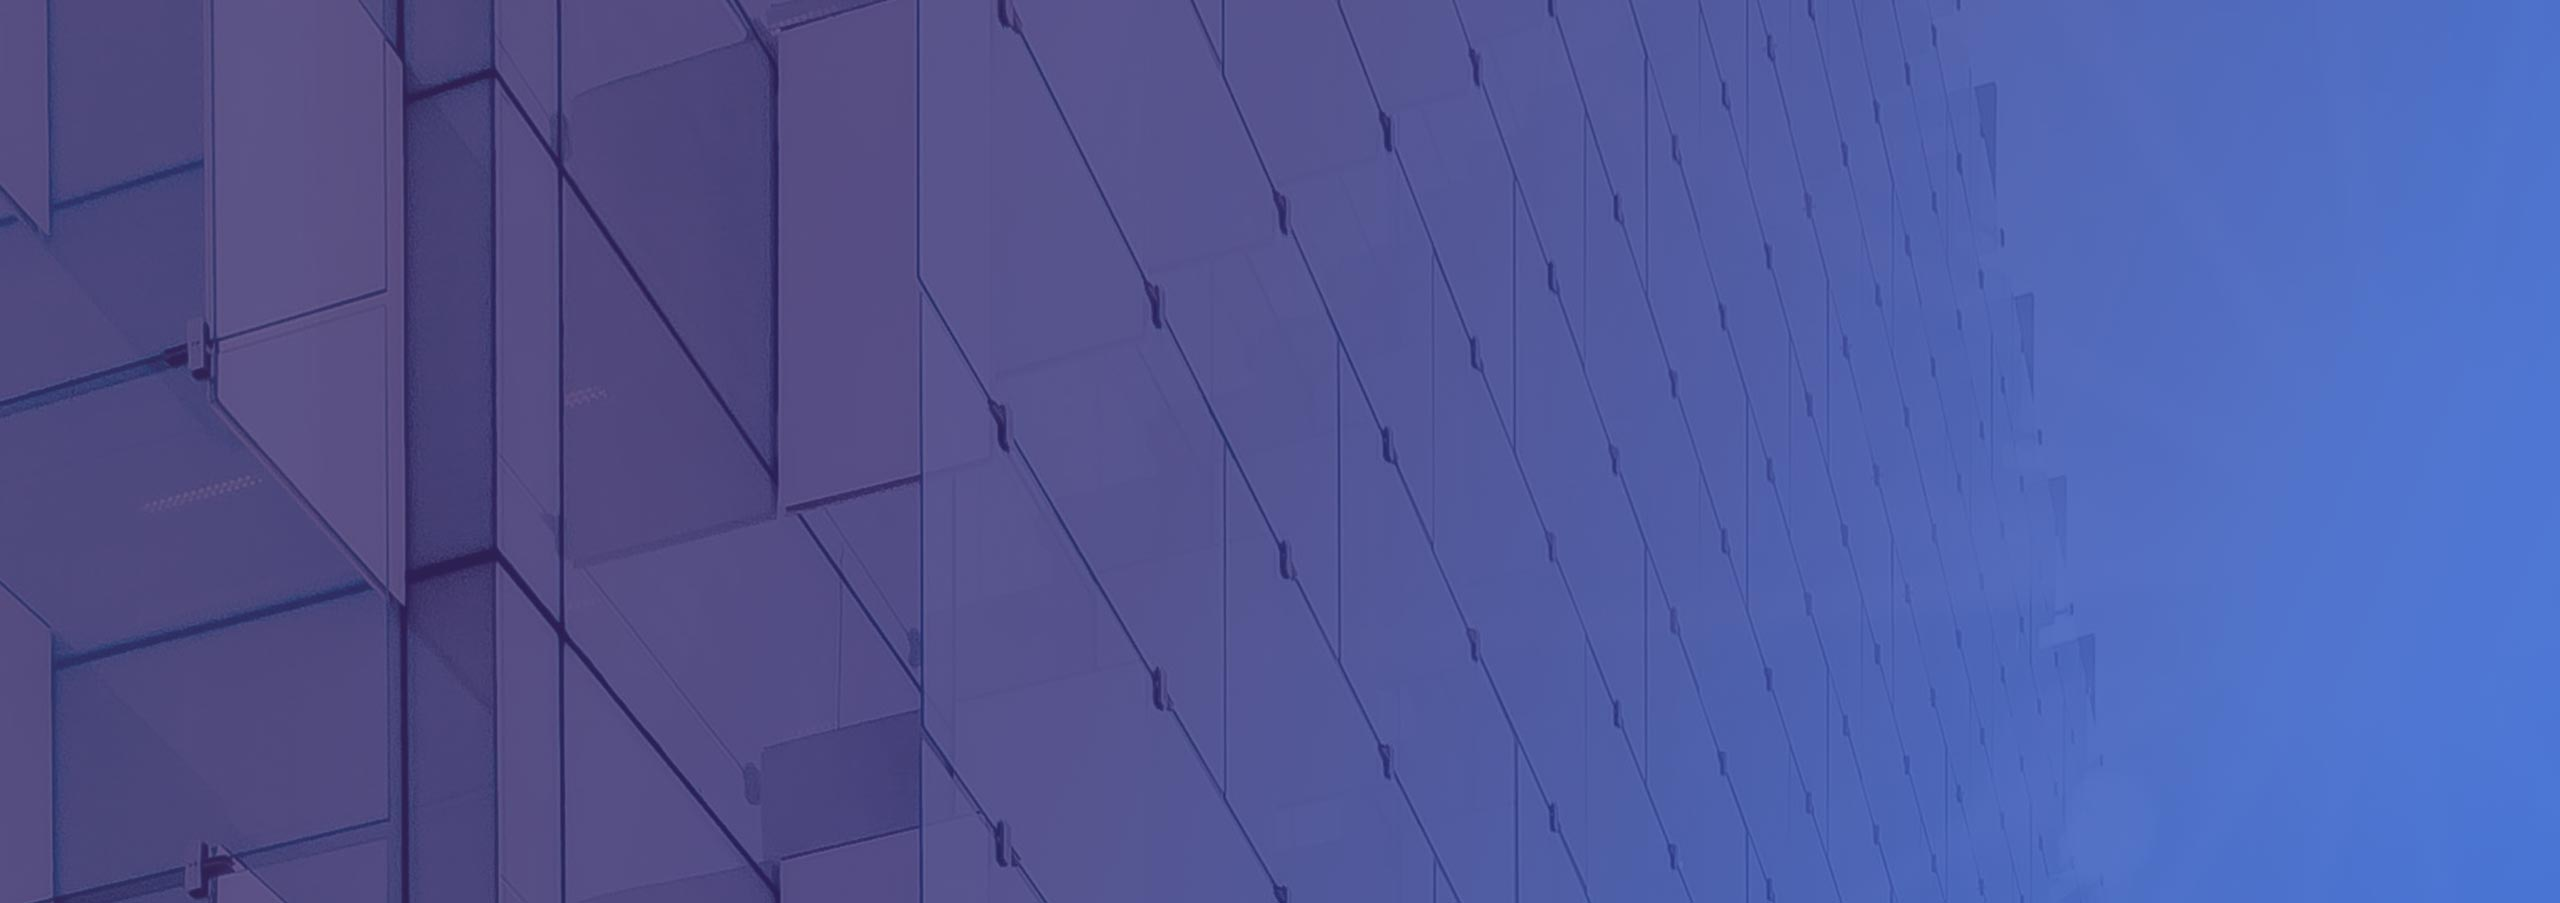 Percepţia şi comportamentul populaţiei cu privire la consumul responsabil de energie și eficiența energetică în clădiri